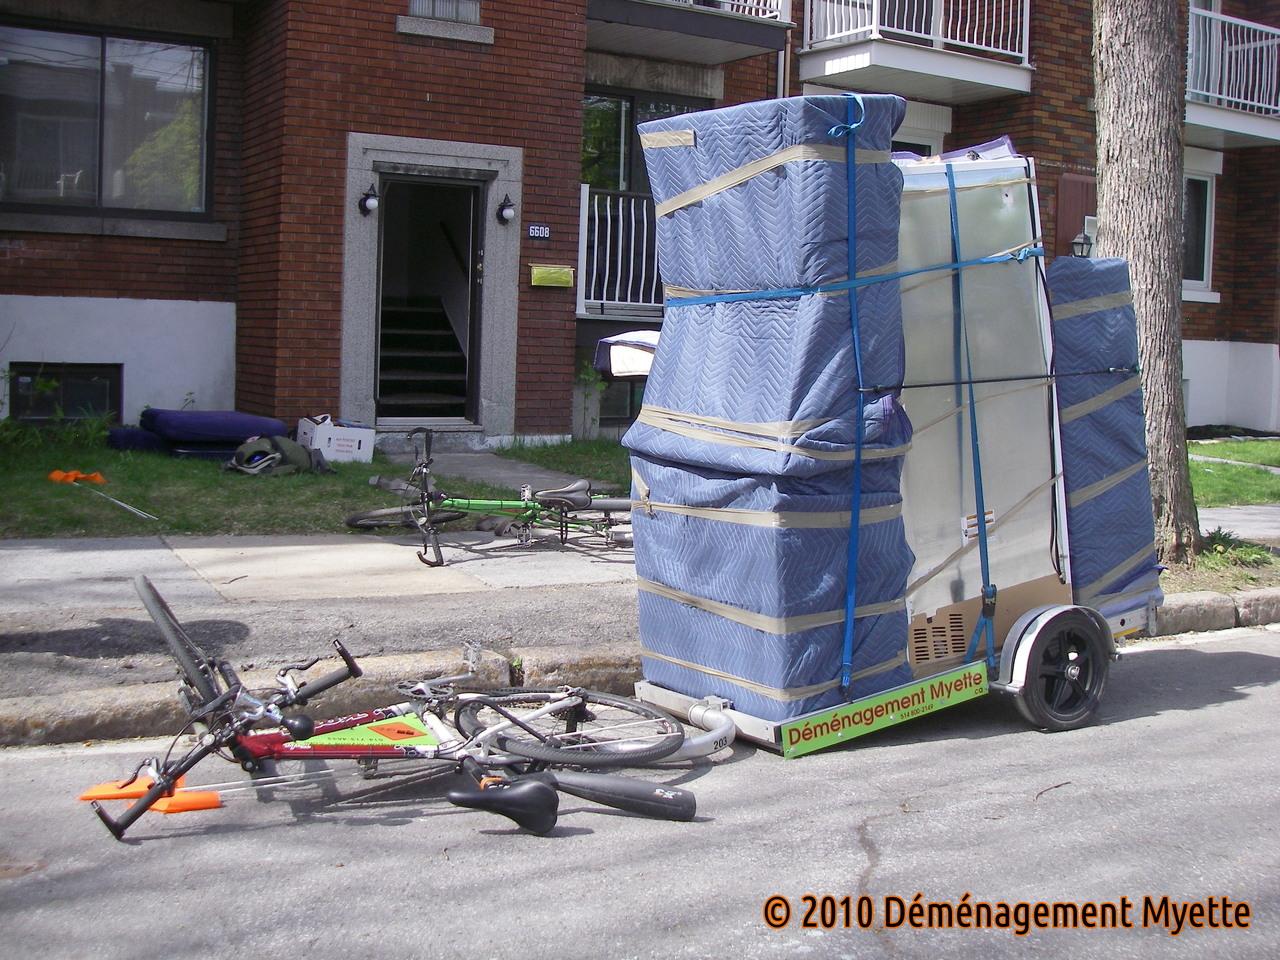 demenagement frigo. Black Bedroom Furniture Sets. Home Design Ideas